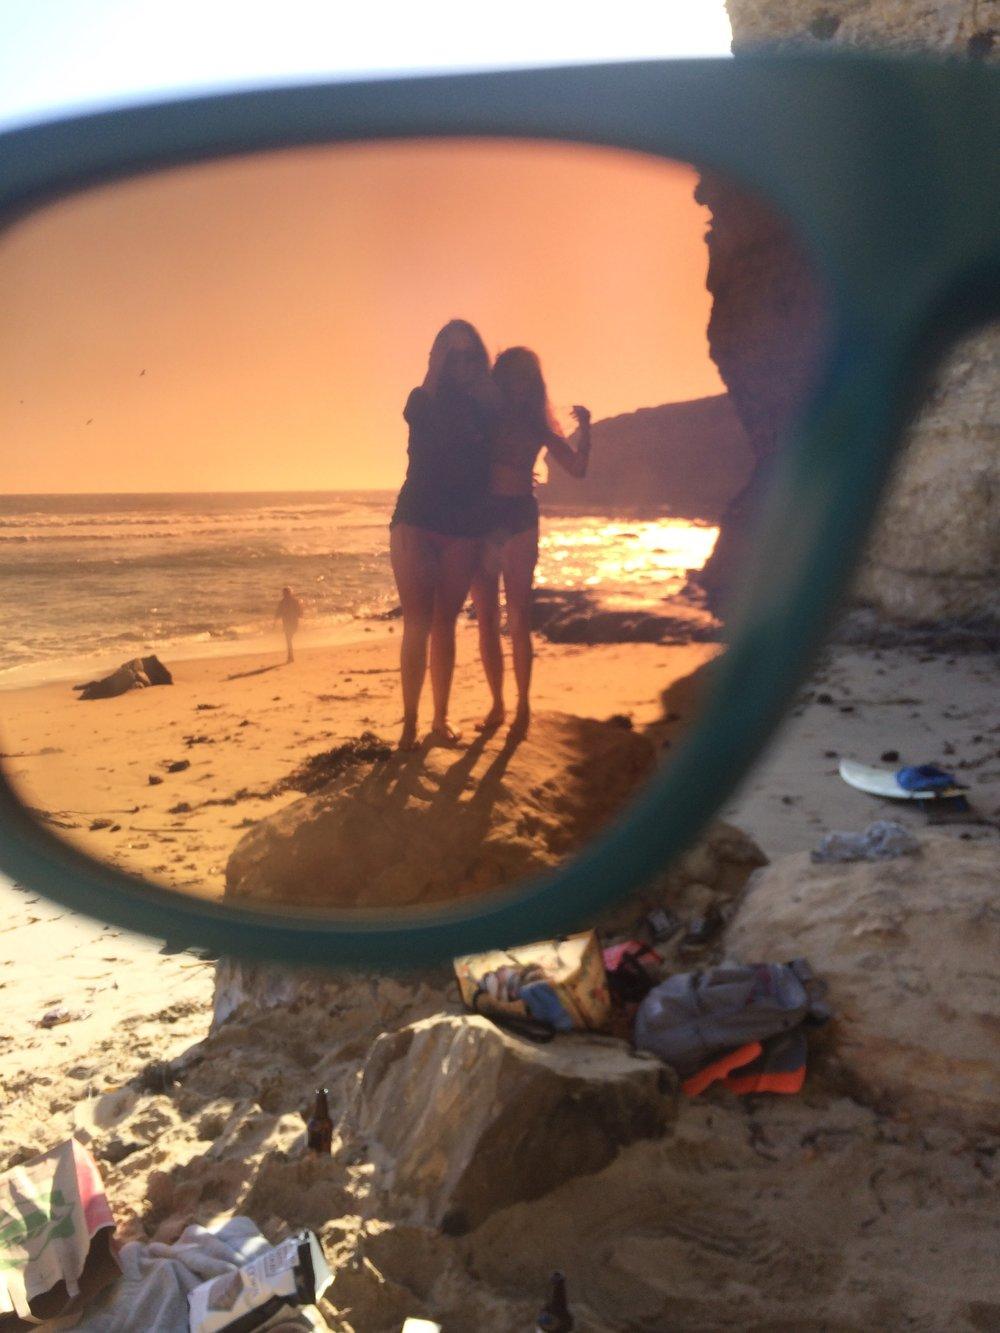 Sena & me through sunglasses, 2014